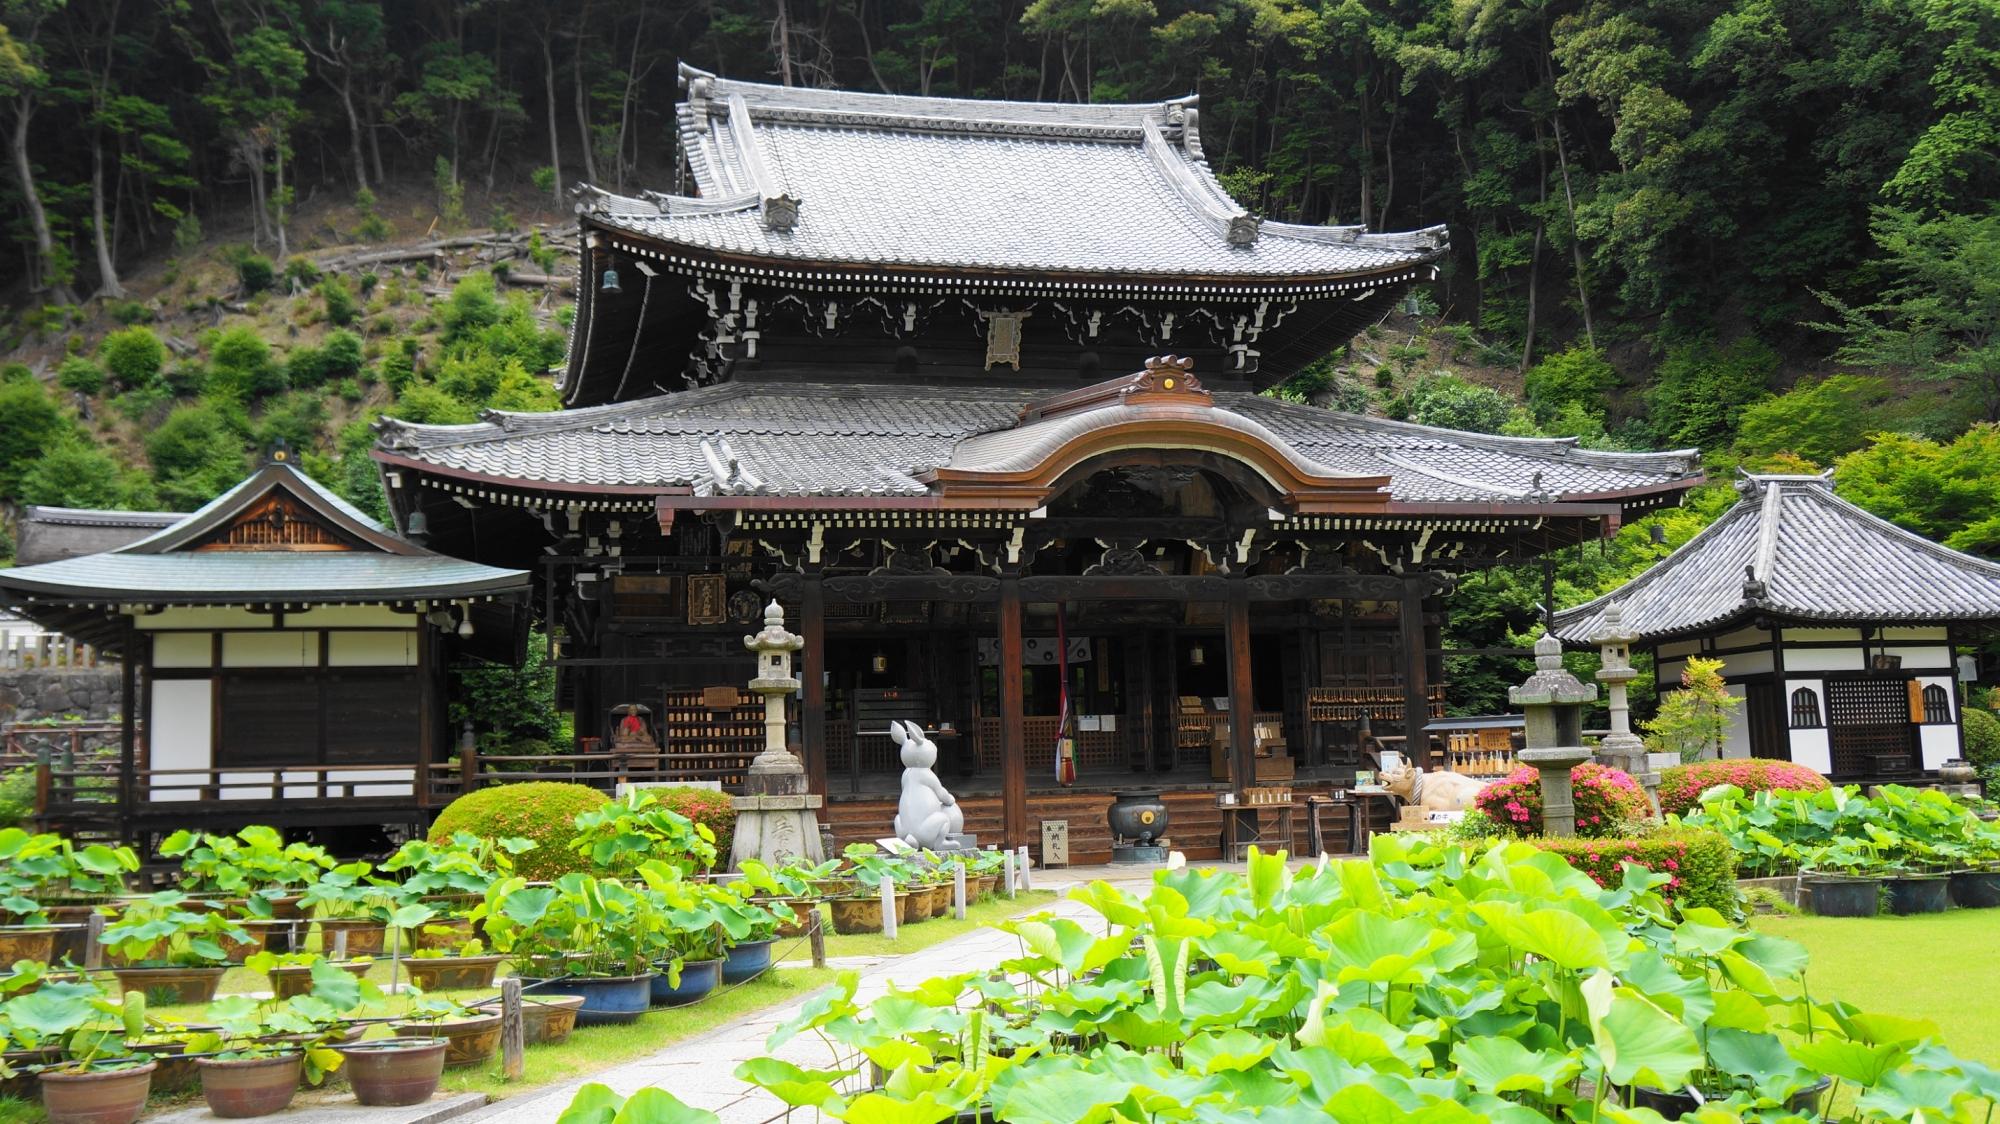 前の庭には蓮がたくさんある三室戸寺の本堂